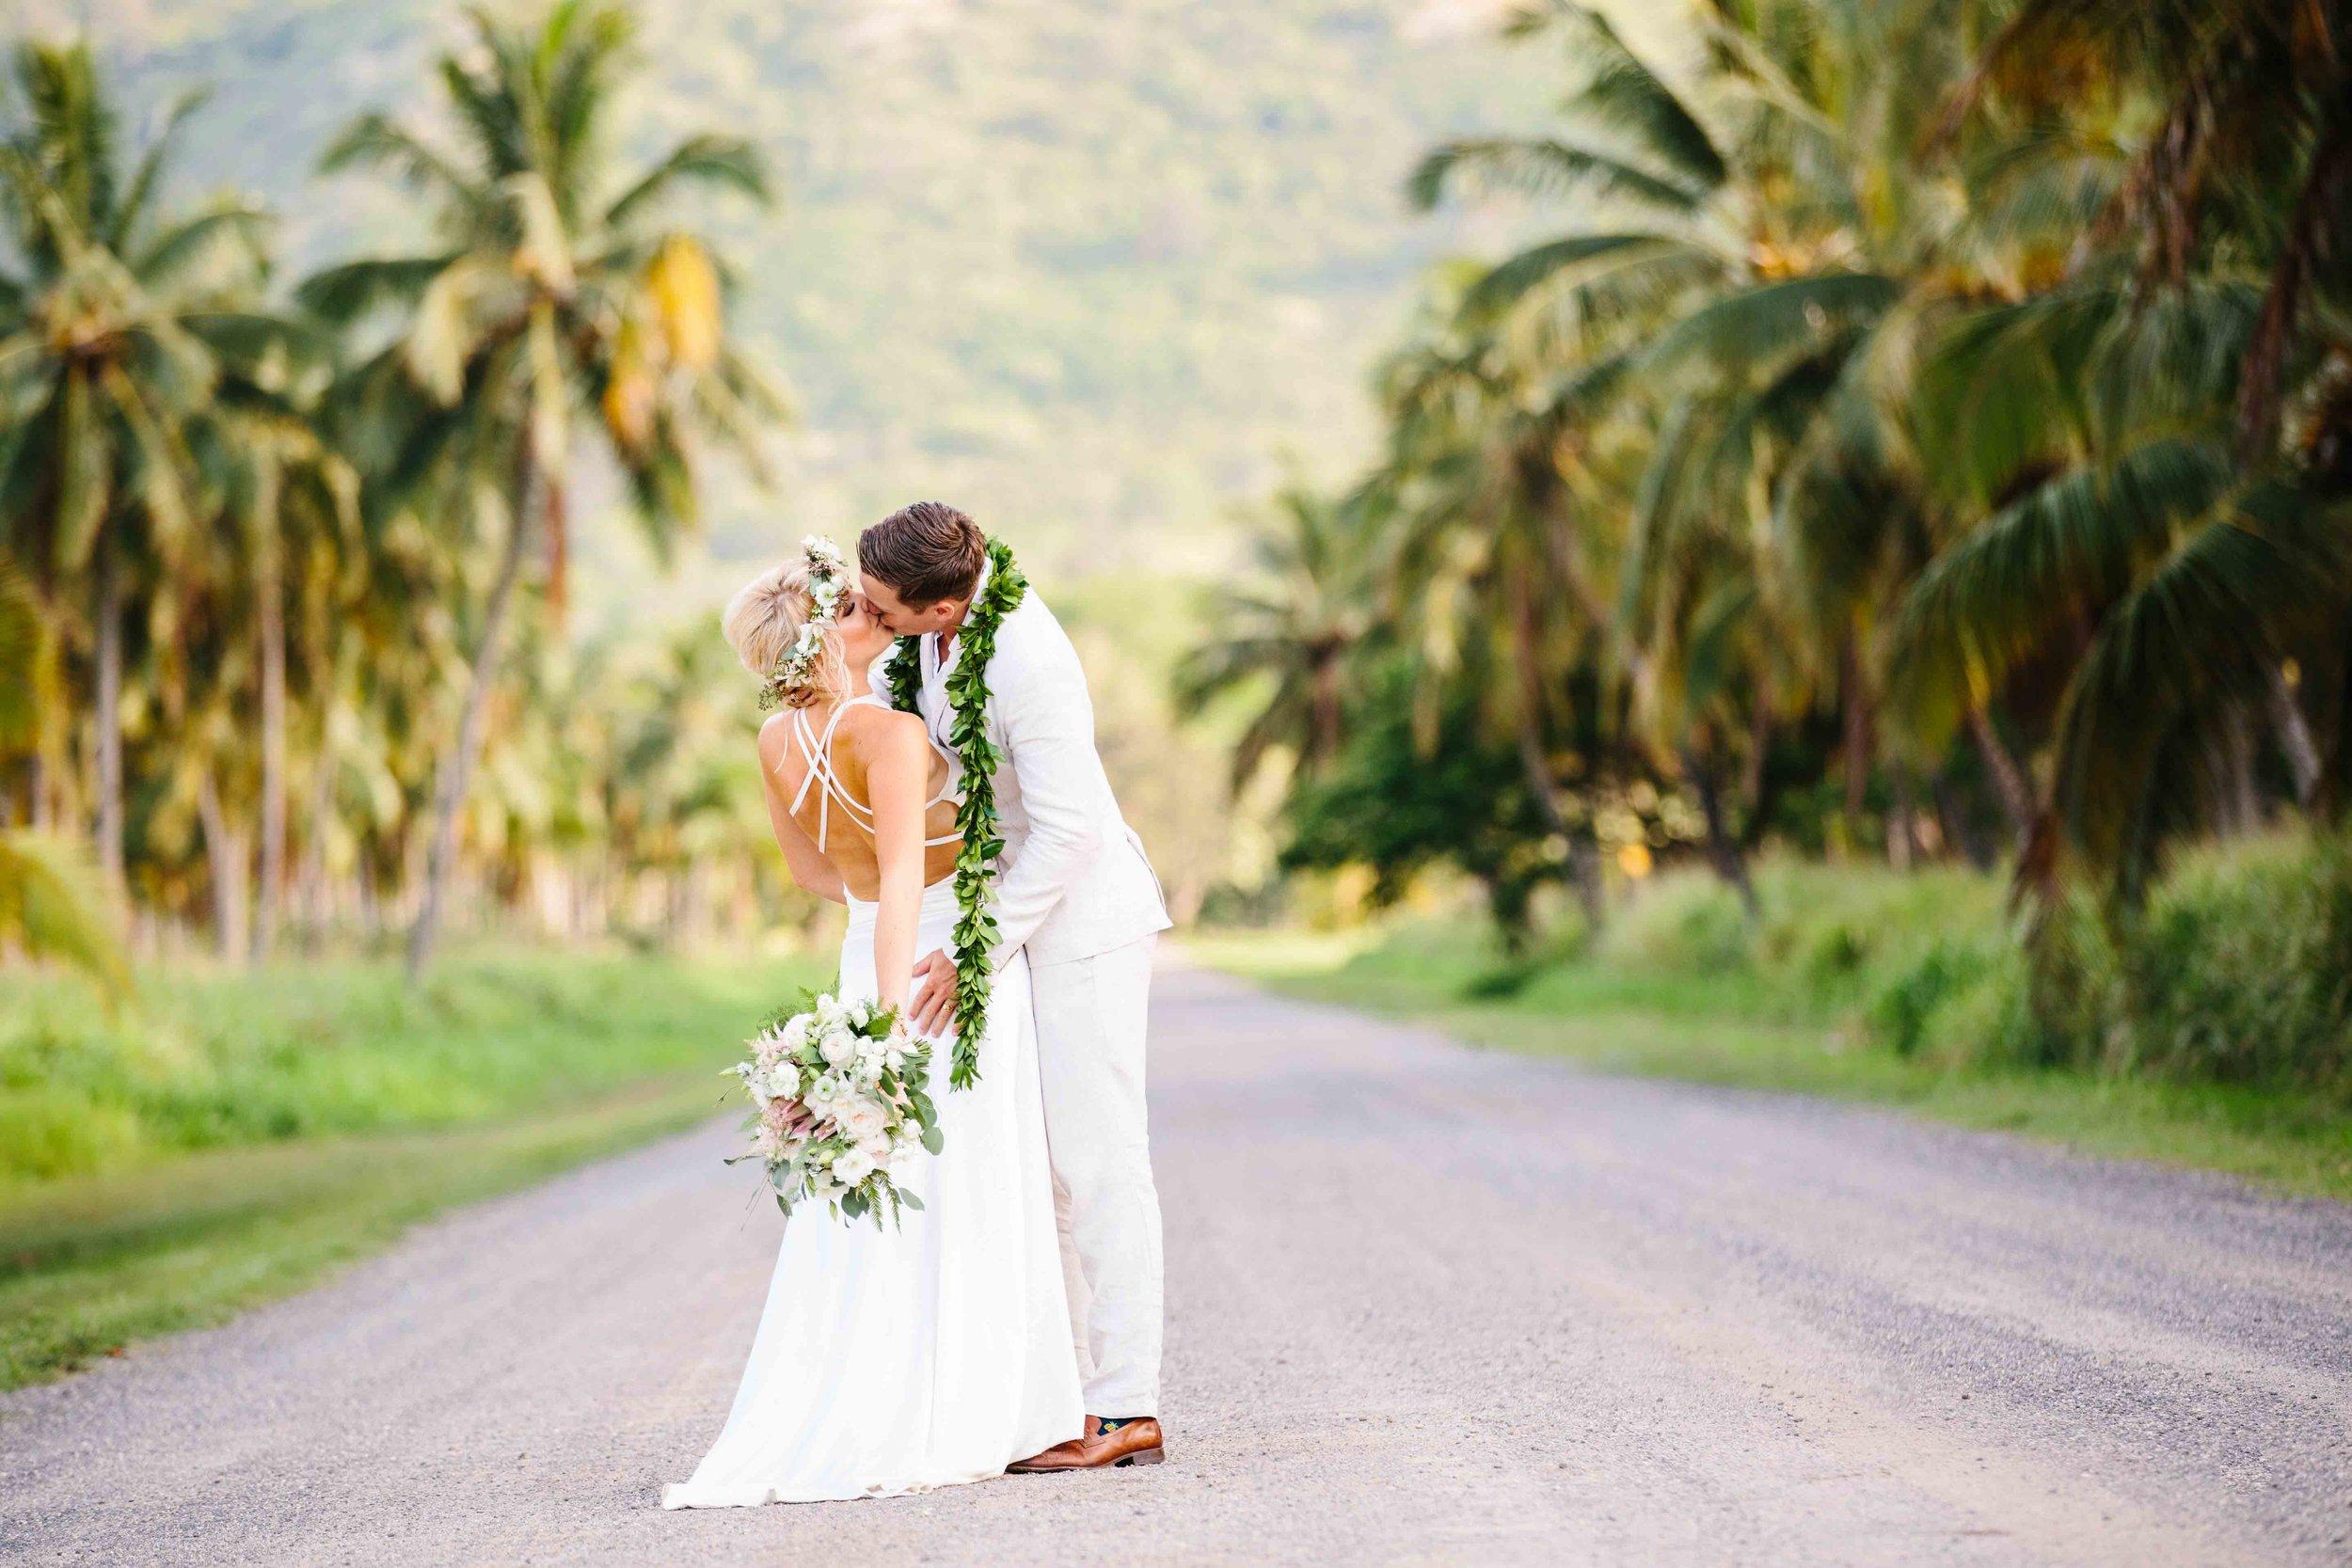 Romantic Oahu Wedding Couple Photoshoot